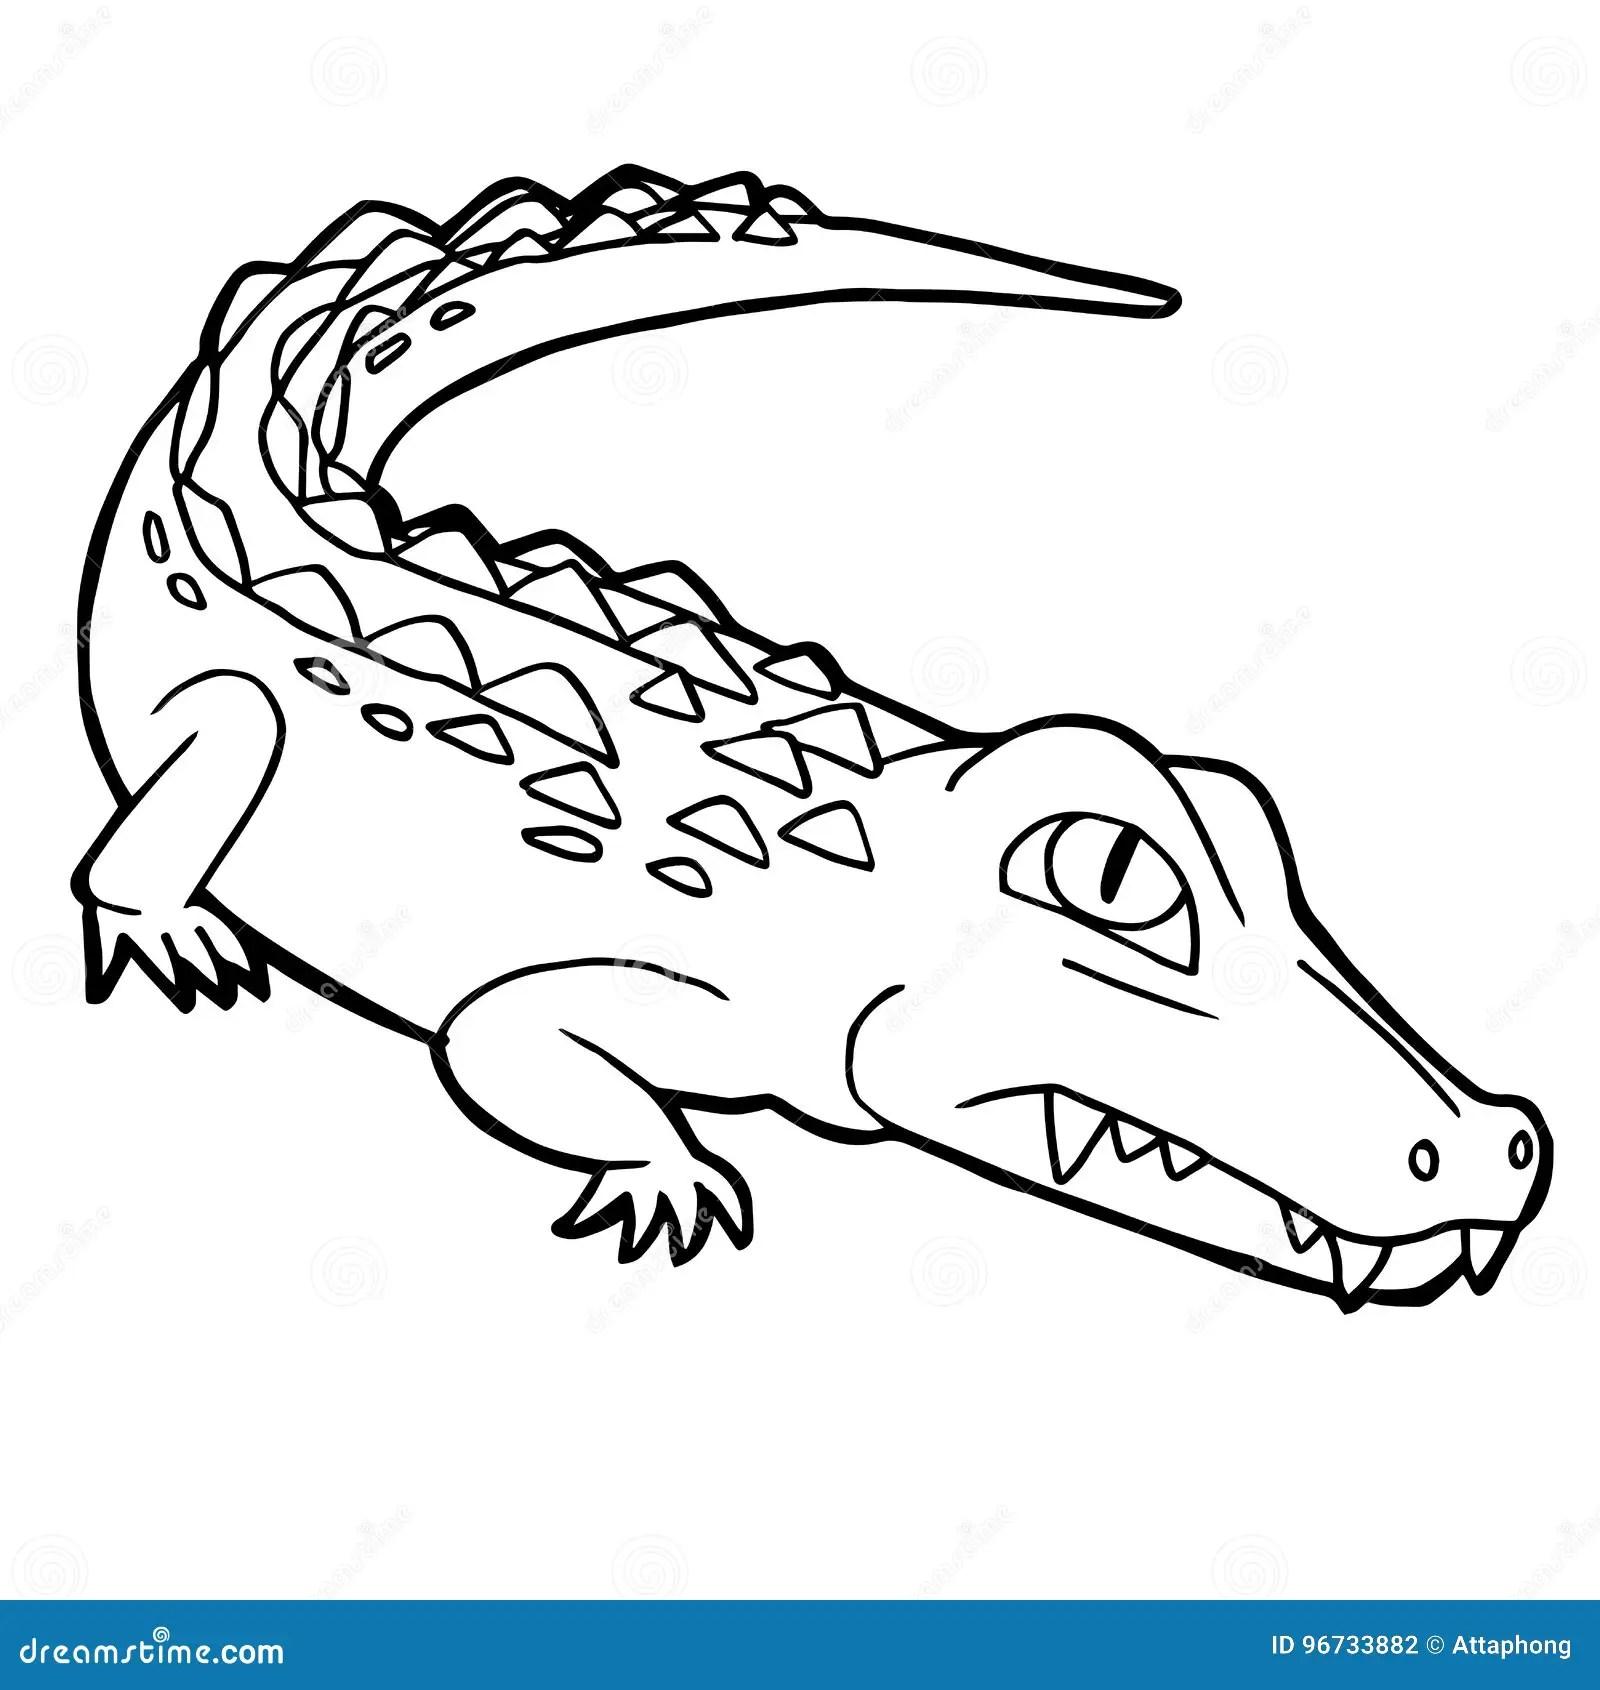 Cartoon Cute Crocodile Coloring Page Vector Stock Vector